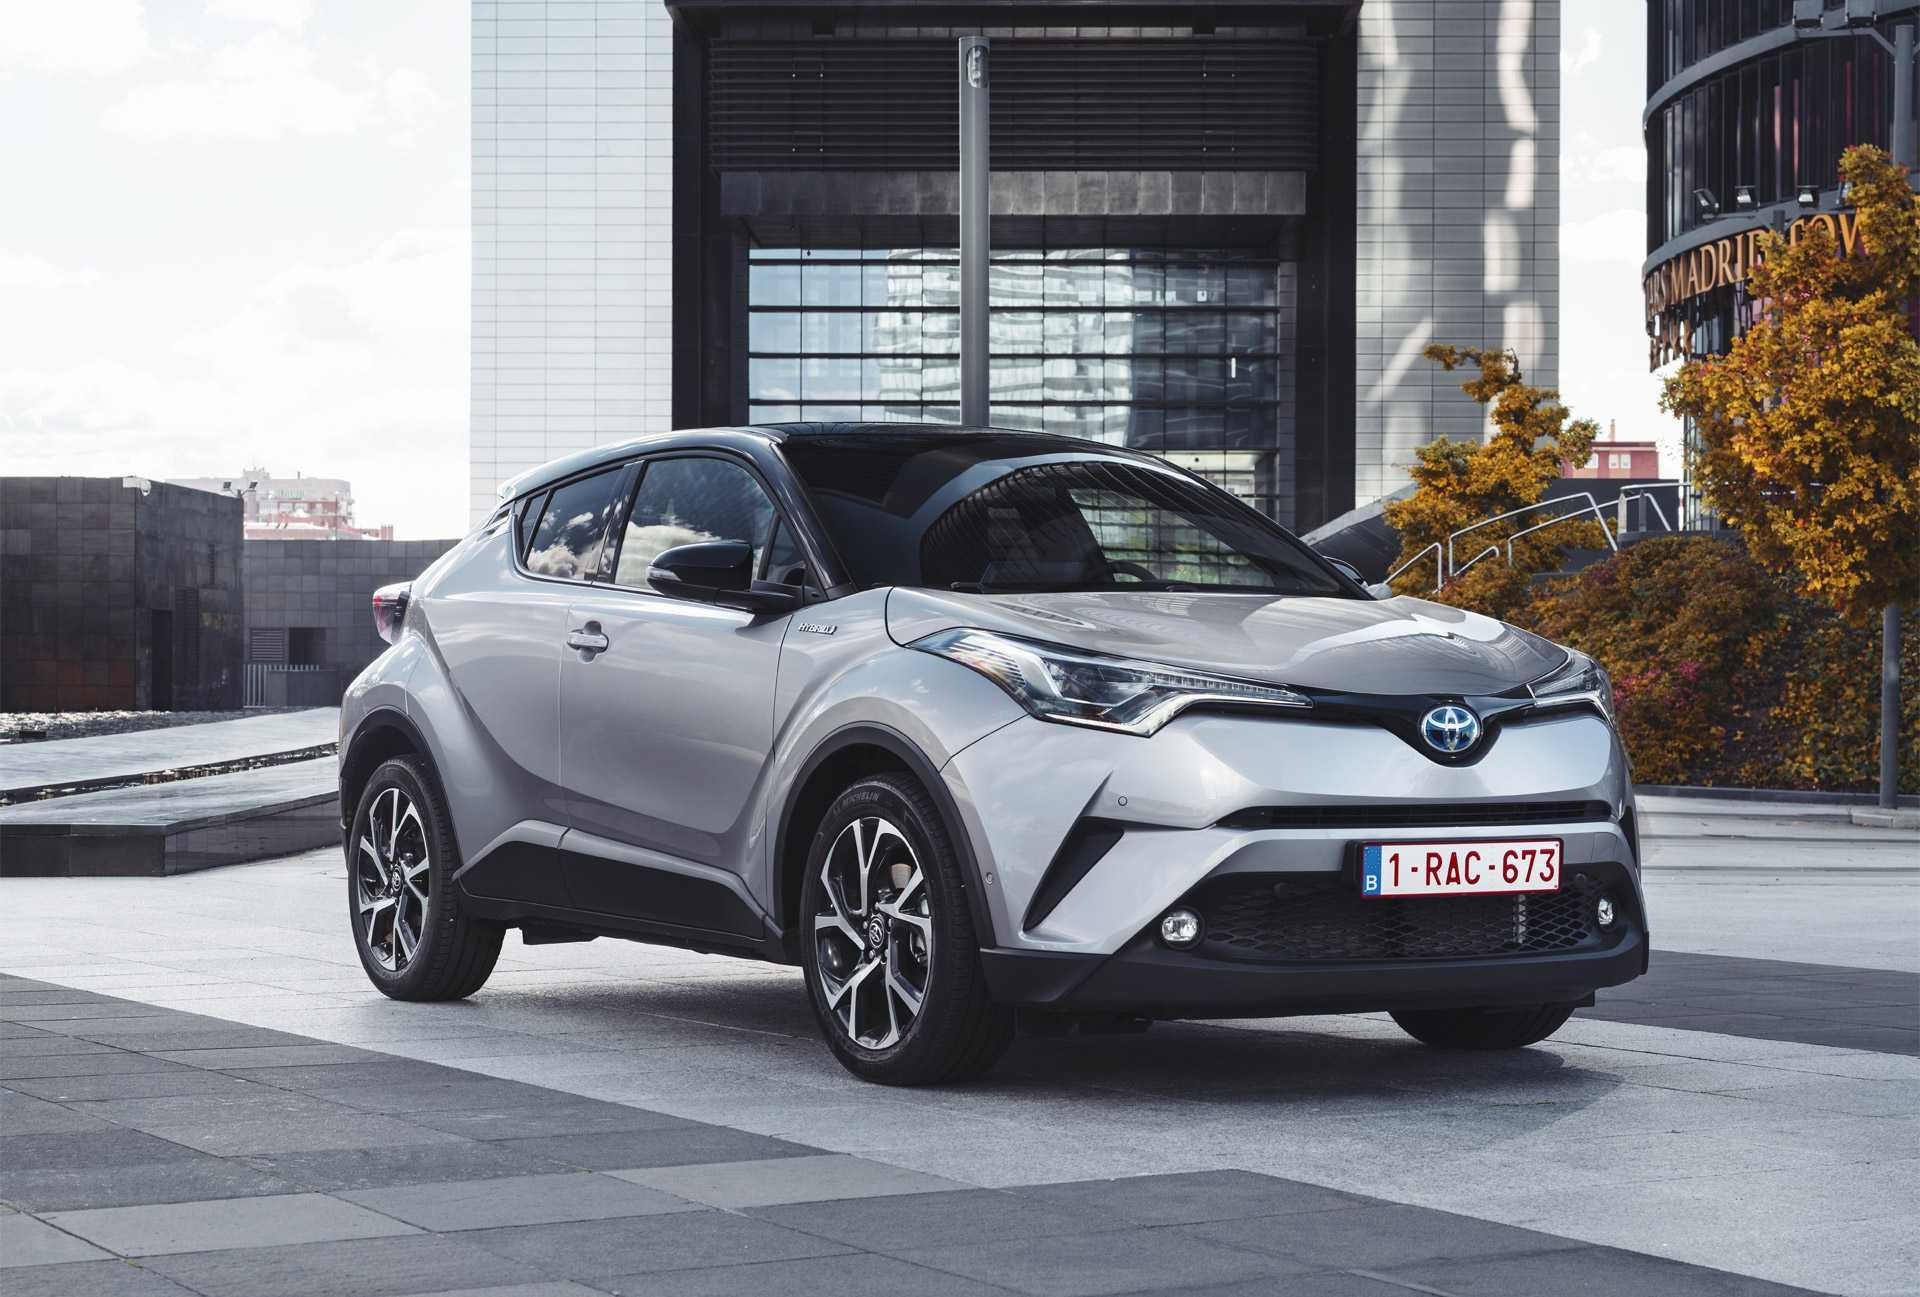 Toyota c-hr 2016, 2017, 2018, 2019, джип/suv 5 дв., 1 поколение технические характеристики и комплектации